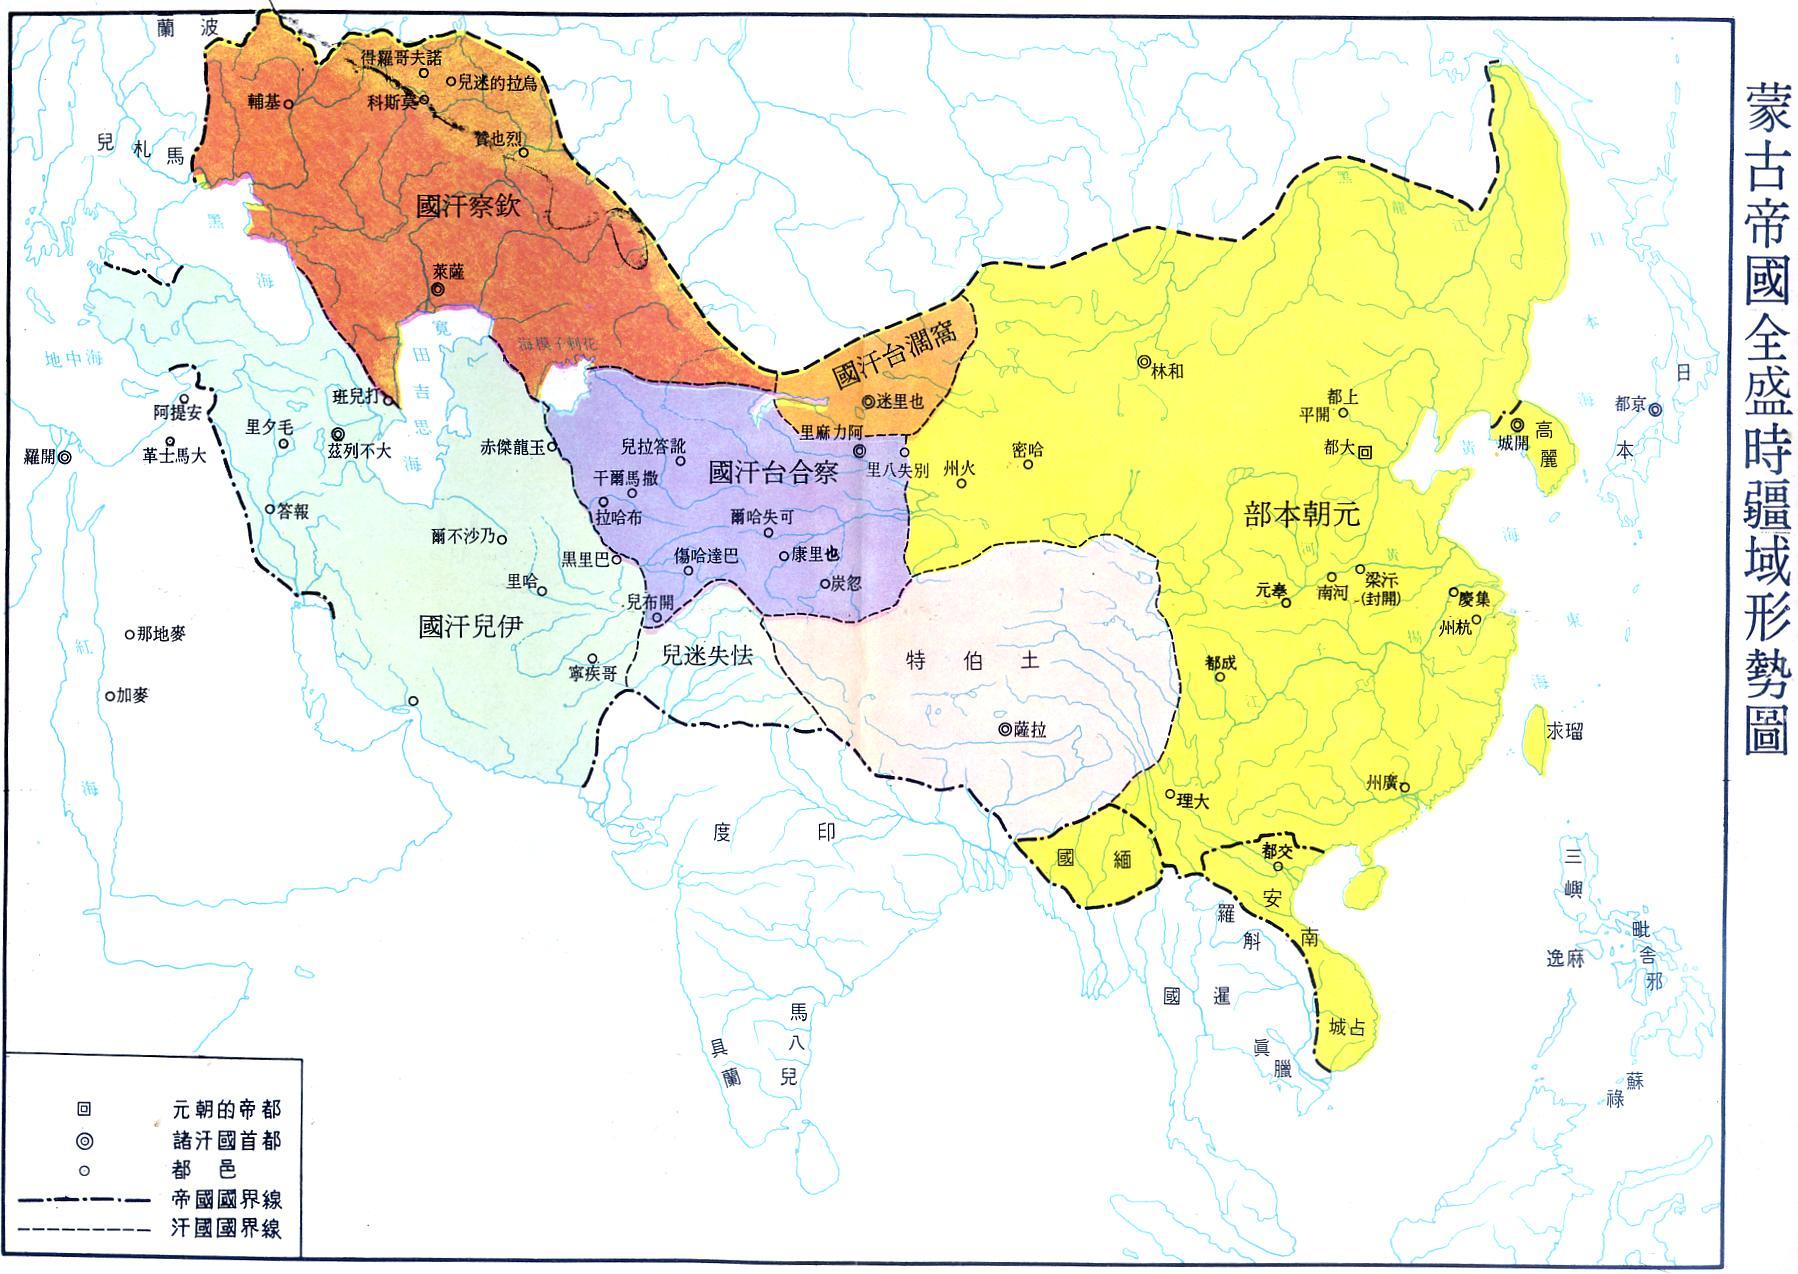 蒙古帝国全盛时疆域形势图